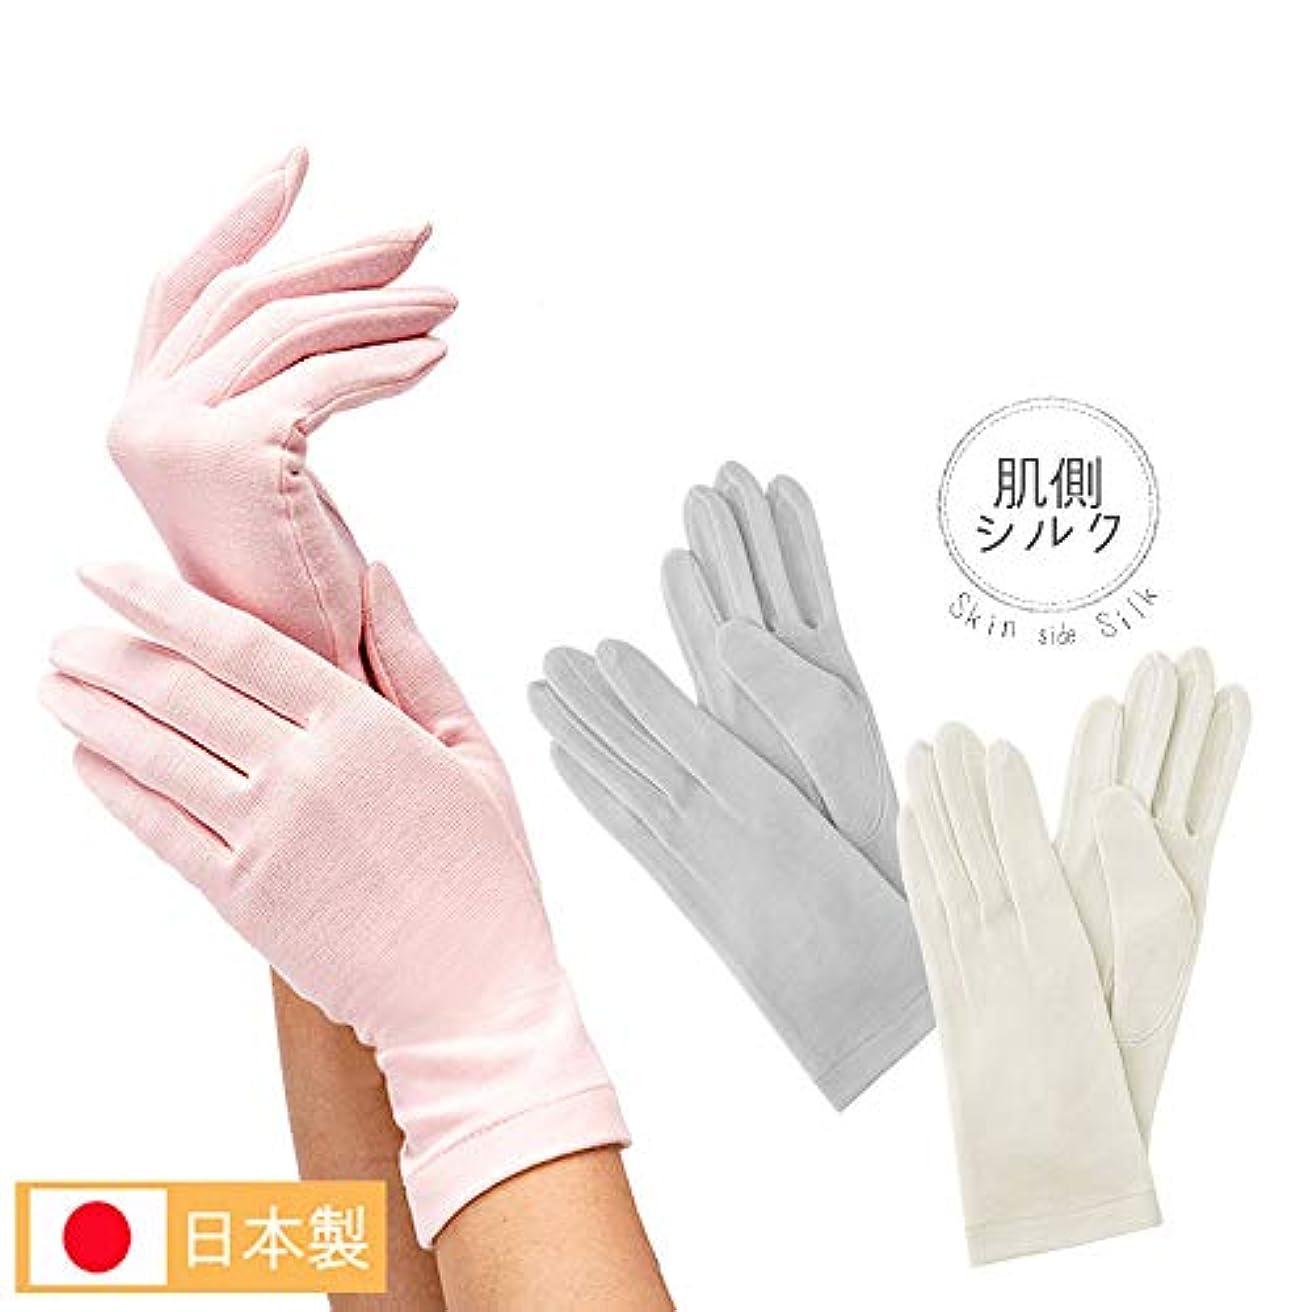 晩餐ロードブロッキングプレビューG12-0071_PK 就寝用 裏シルクうるおい手袋 あったか 薄い 手荒れ ハンドケア 保湿 レディース 女性 おやすみ 寝るとき 日本製 ピンク